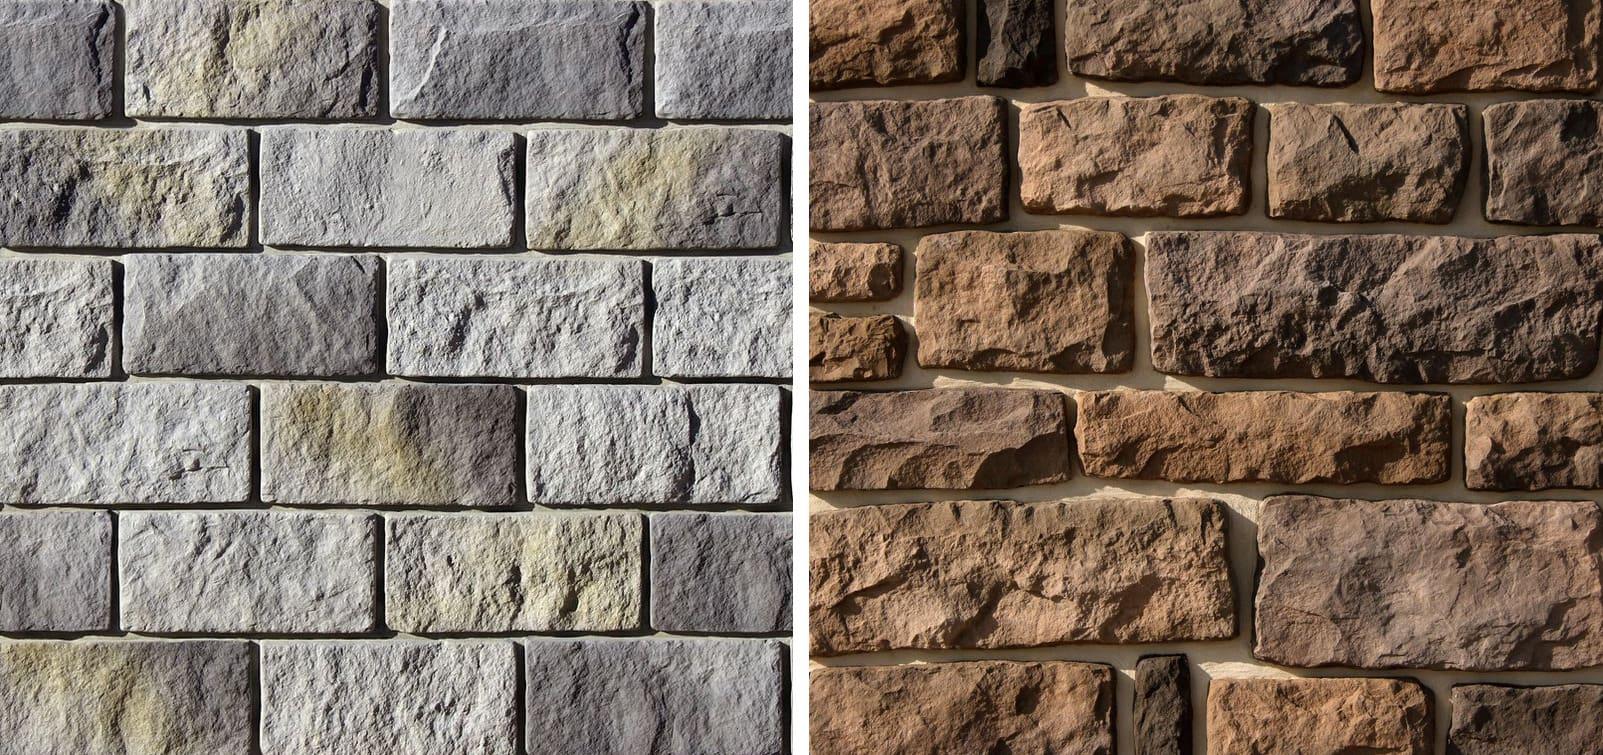 Каждый вид фасадного камня имеет свою специфику использования и сферу применения, которую следует рассмотреть по отдельности